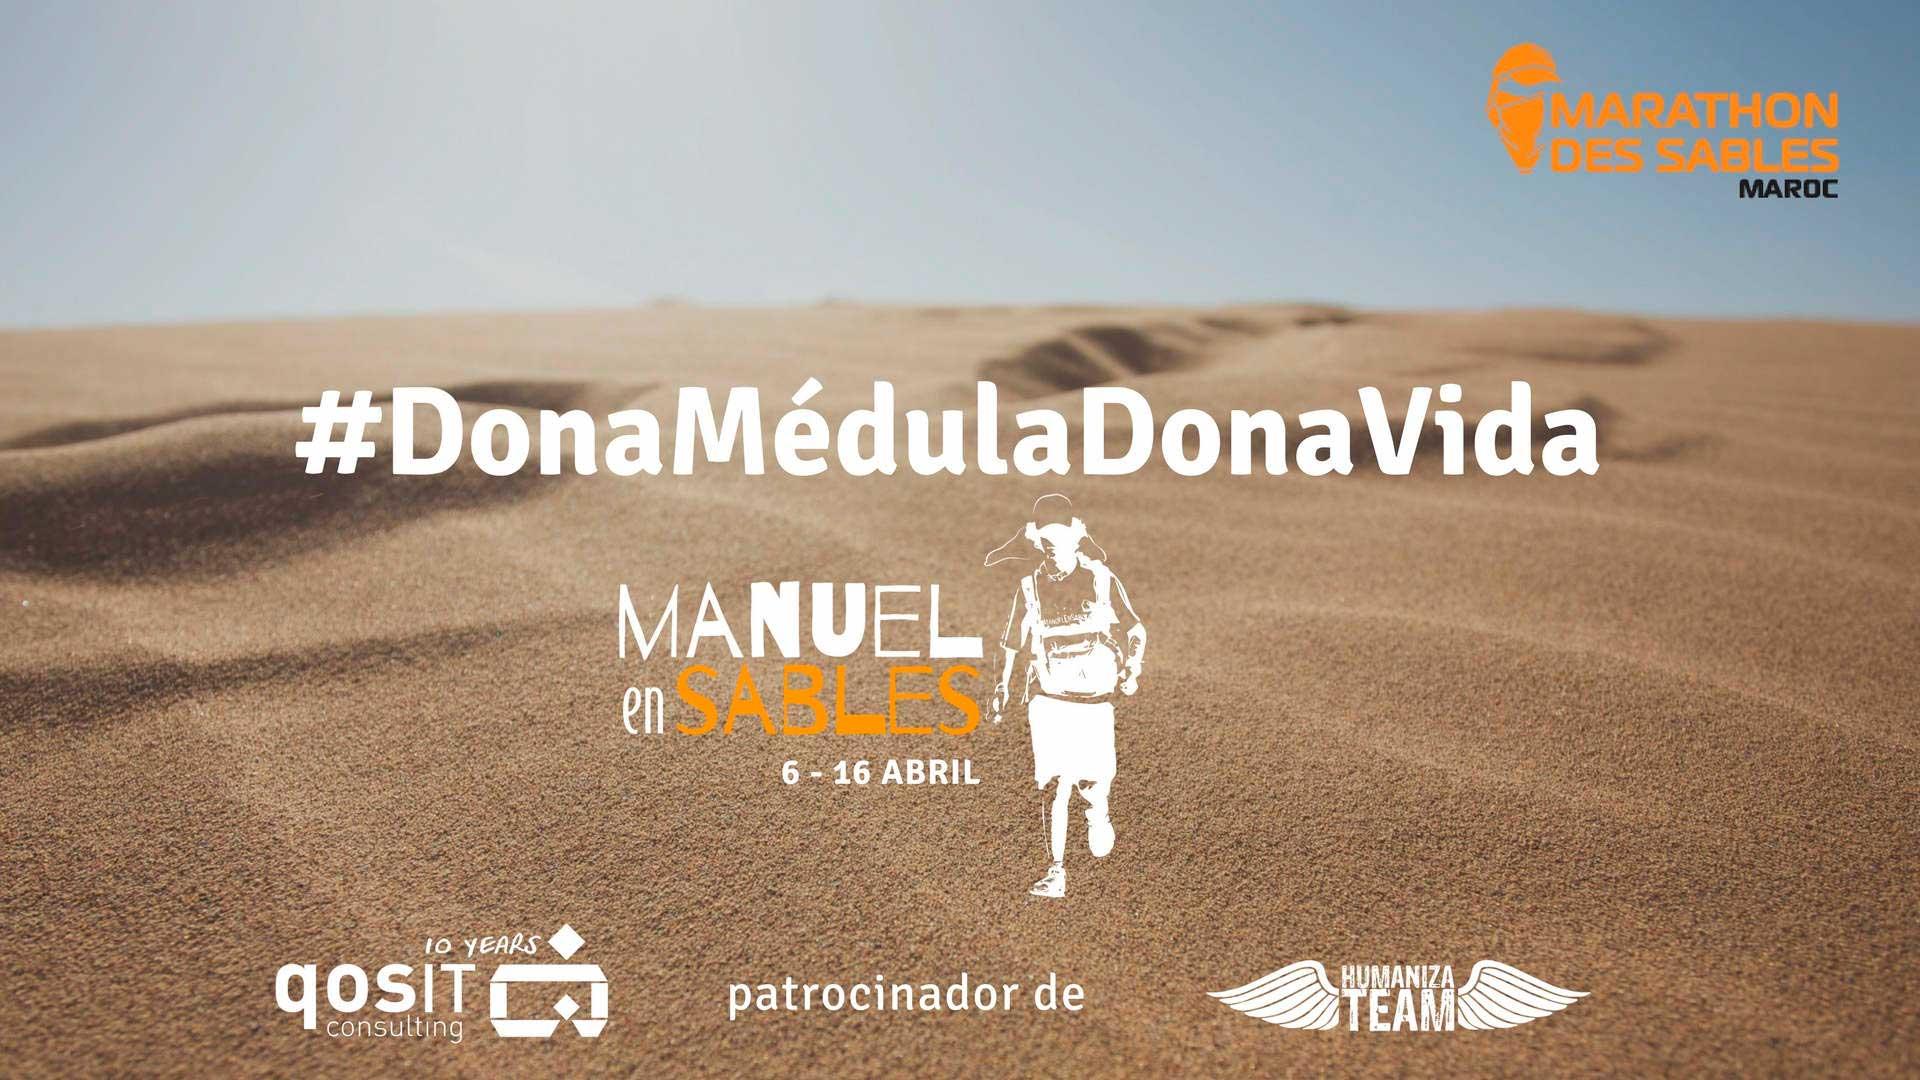 Manuel en Sables 2018 #DonaMédulaDonaVida qosITconsulting